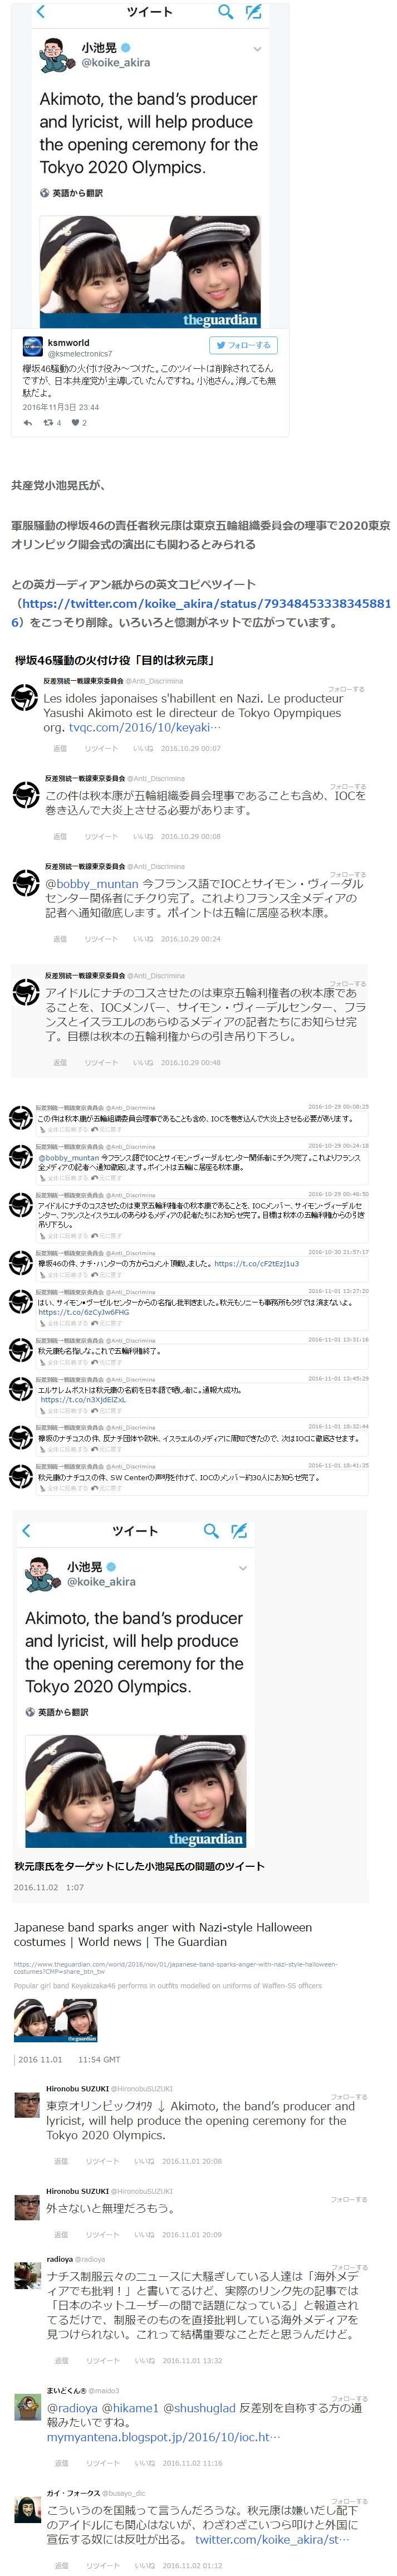 欅坂46騒動に日本共産党、小池晃1